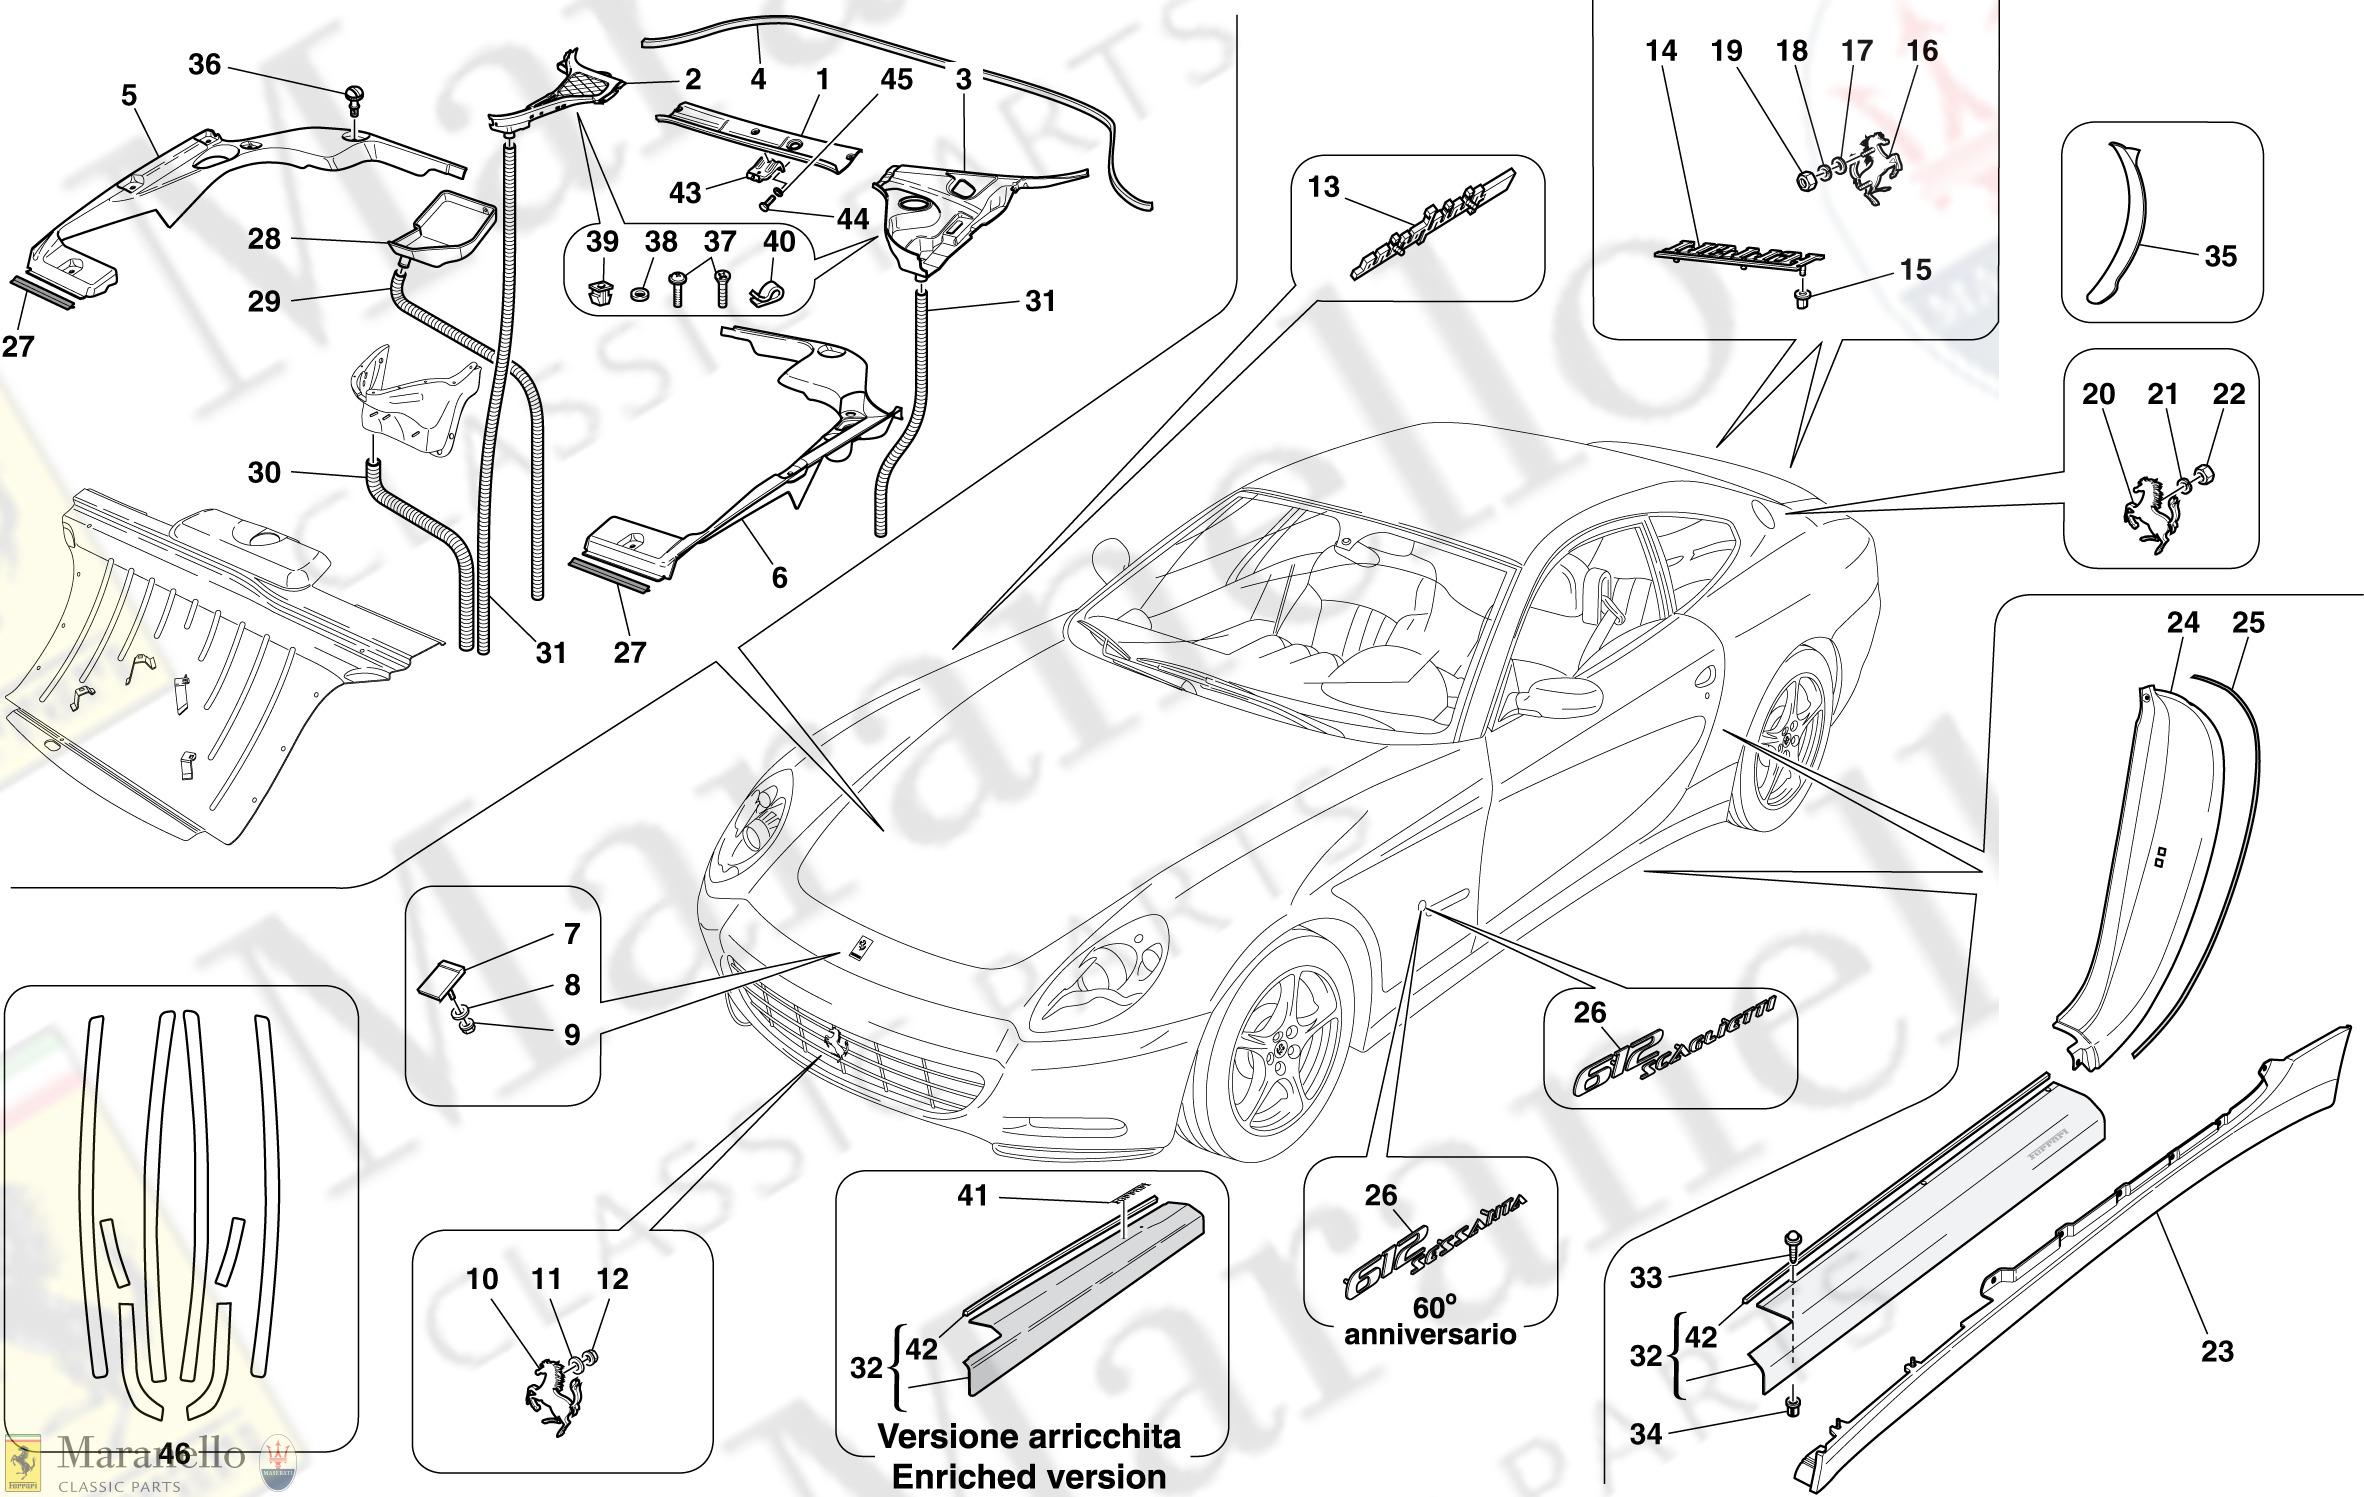 130 - Exterior Trim parts diagram for Ferrari 612 Scaglietti ... Ferrari Scaglietti Wiring Diagram on ferrari f355, ferrari 456 gt, ferrari california, ferrari daytona, ferrari testarossa, ferrari f12 berlinetta, ferrari sedan, ferrari 512 m, ferrari fxx, ferrari 750 monza, ferrari f50, ferrari f430, ferrari 456 gta, ferrari f40,